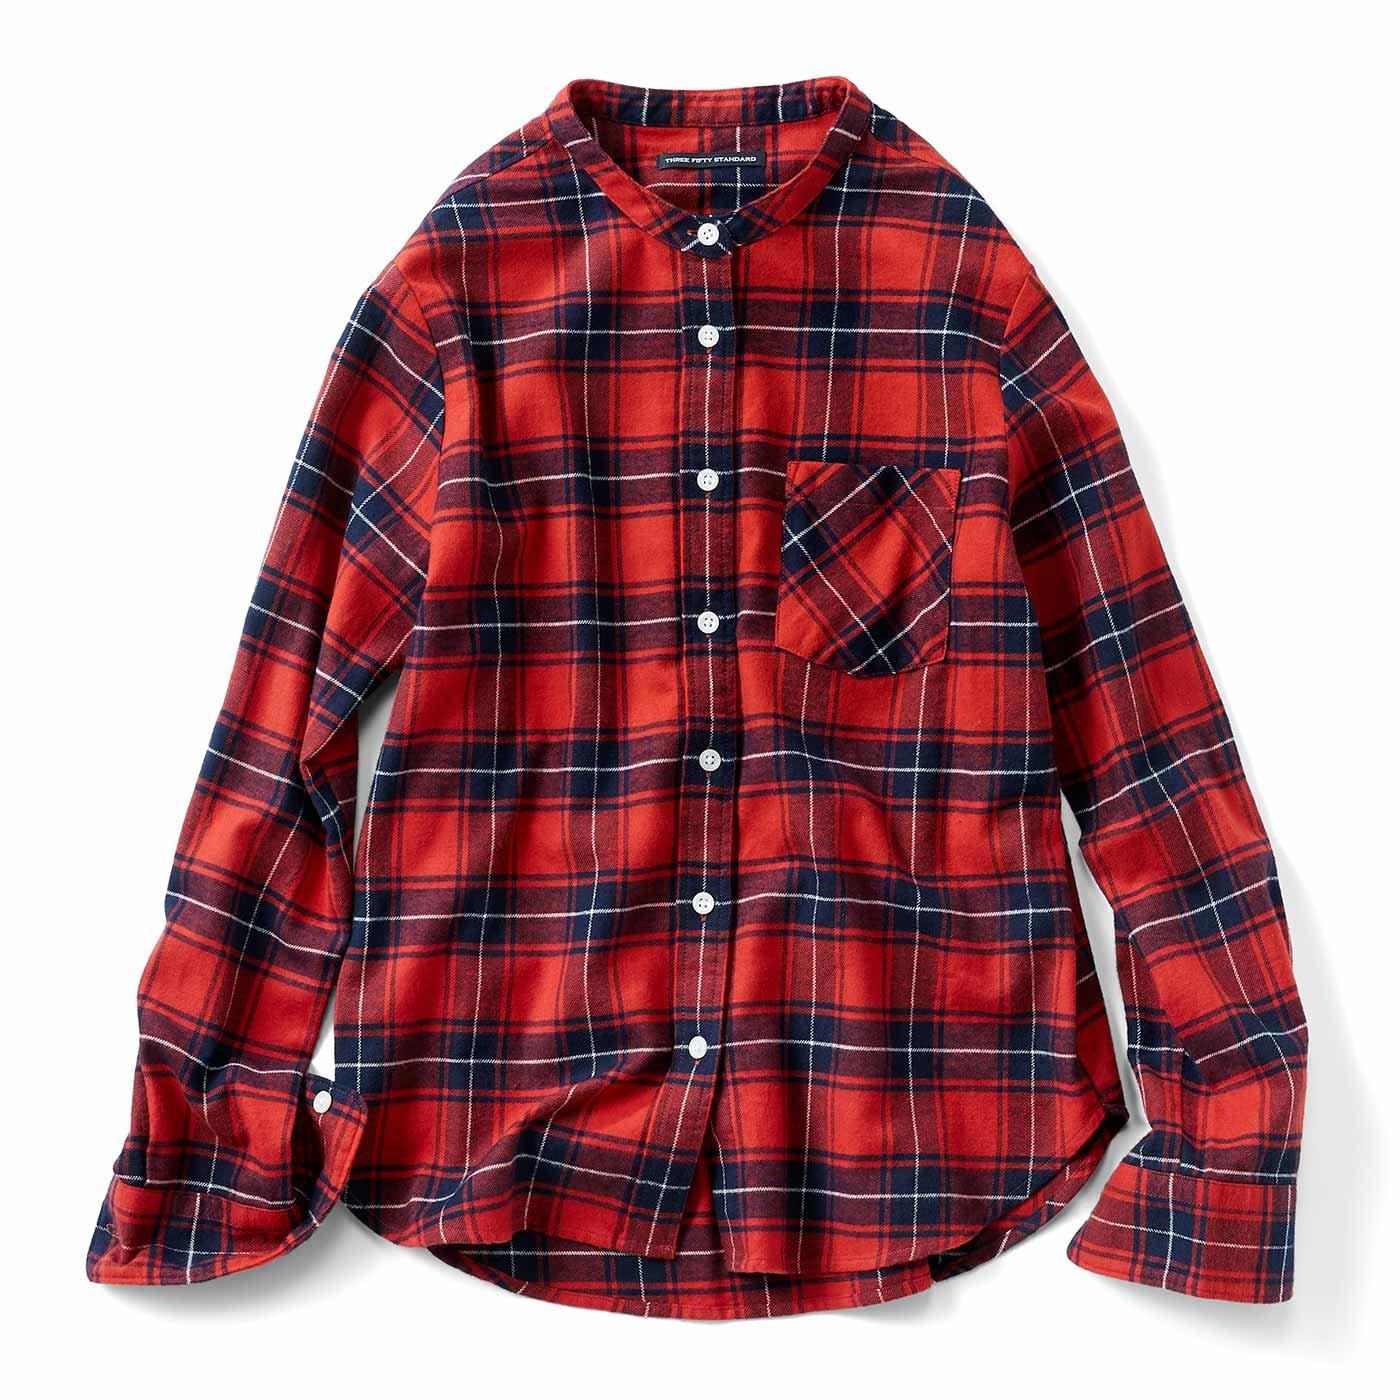 タータンチェックスタンドカラーシャツ〈赤〉